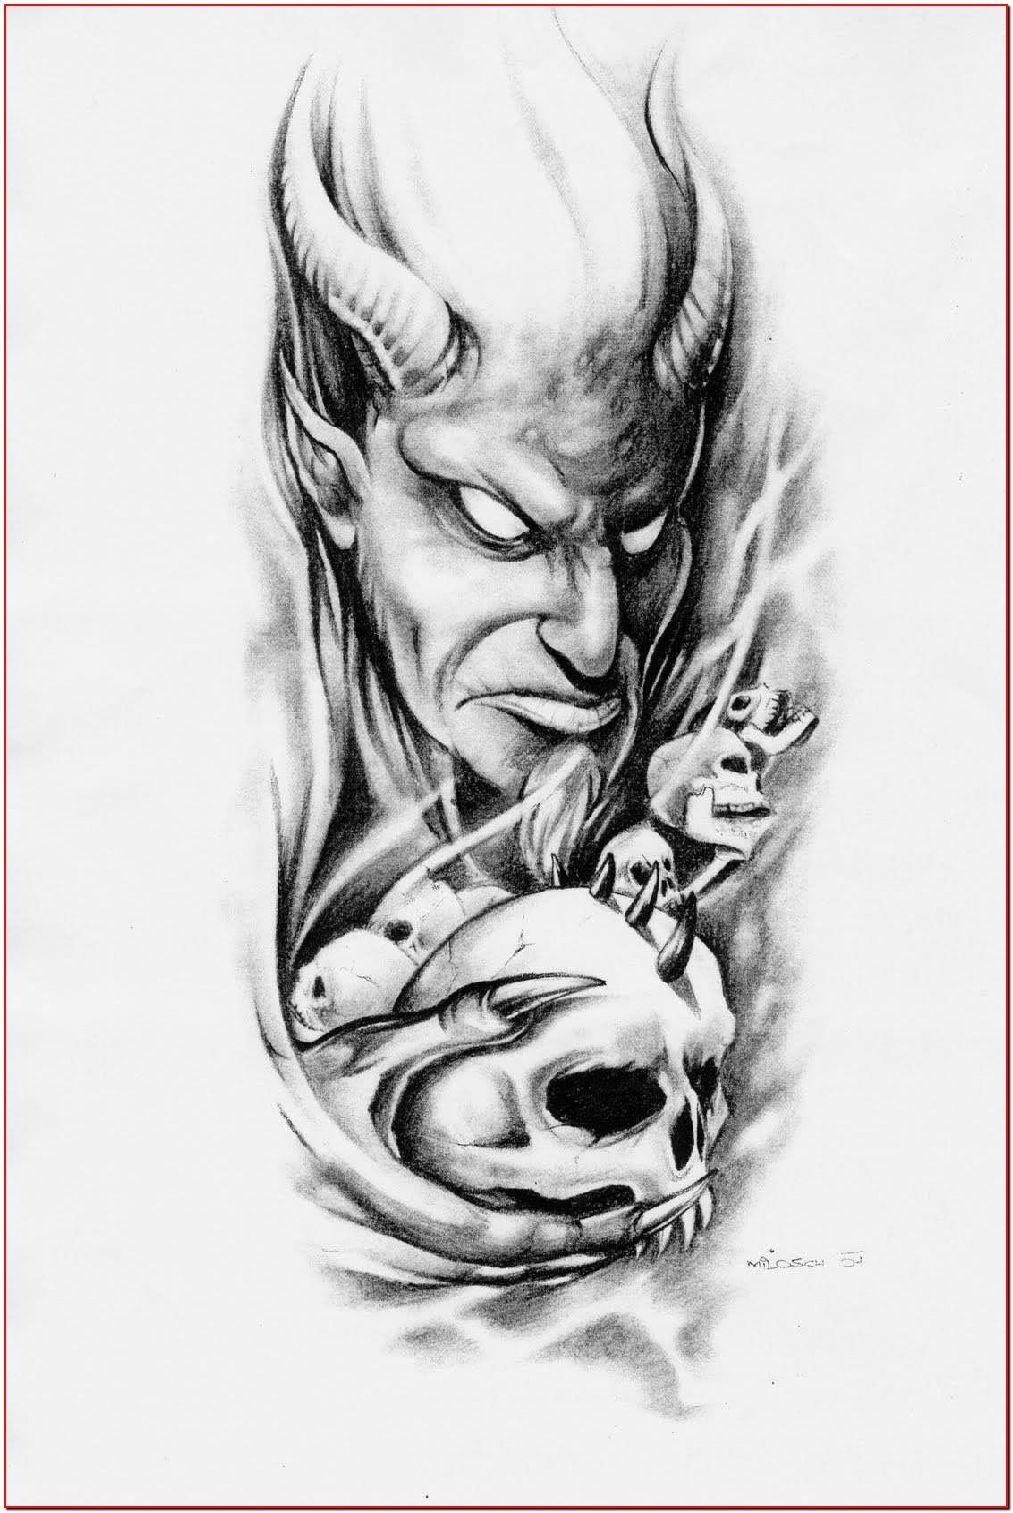 Tattoo Ideas For Men Arm 48 Tattoo In 2020 Scary Tattoos Skull Tattoo Design Evil Tattoos